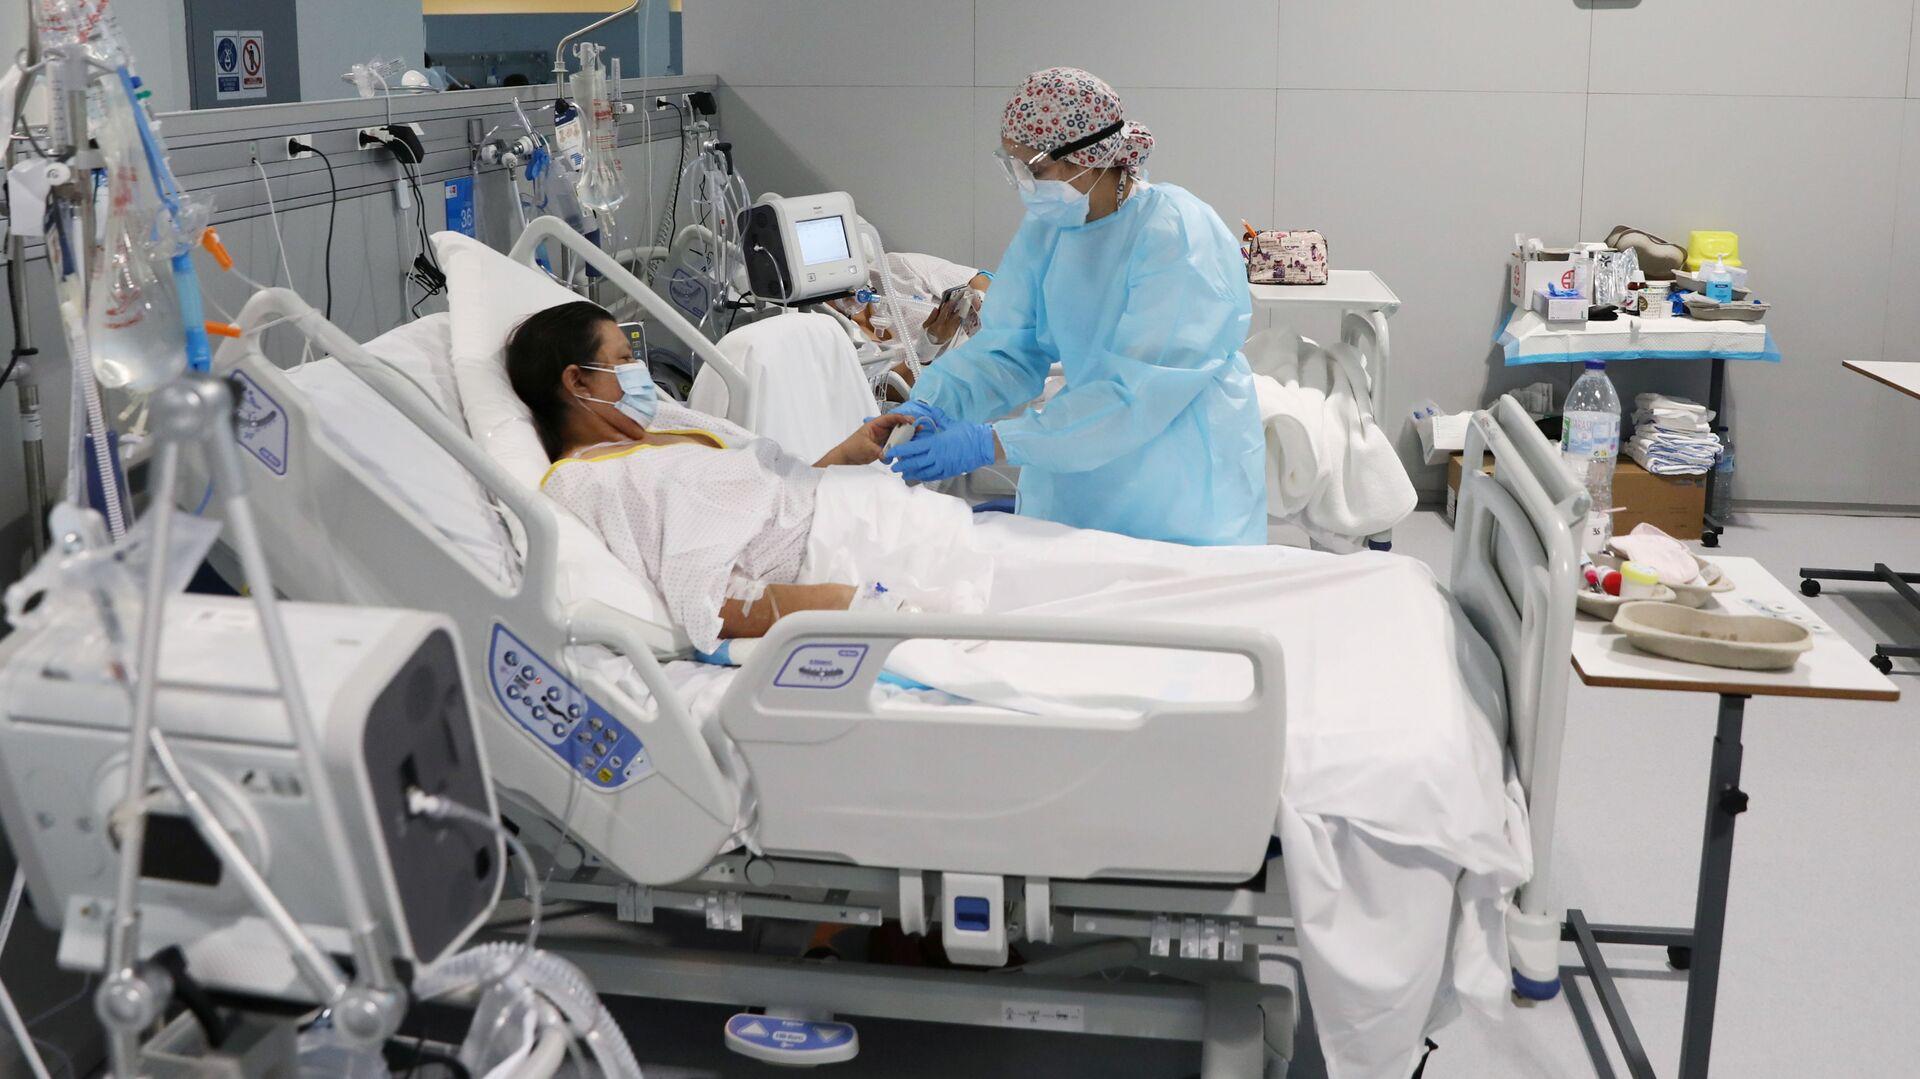 Paciente con COVID-19 en el hospital Enfermera Isabel Zendal en Madrid, España - Sputnik Mundo, 1920, 01.02.2021